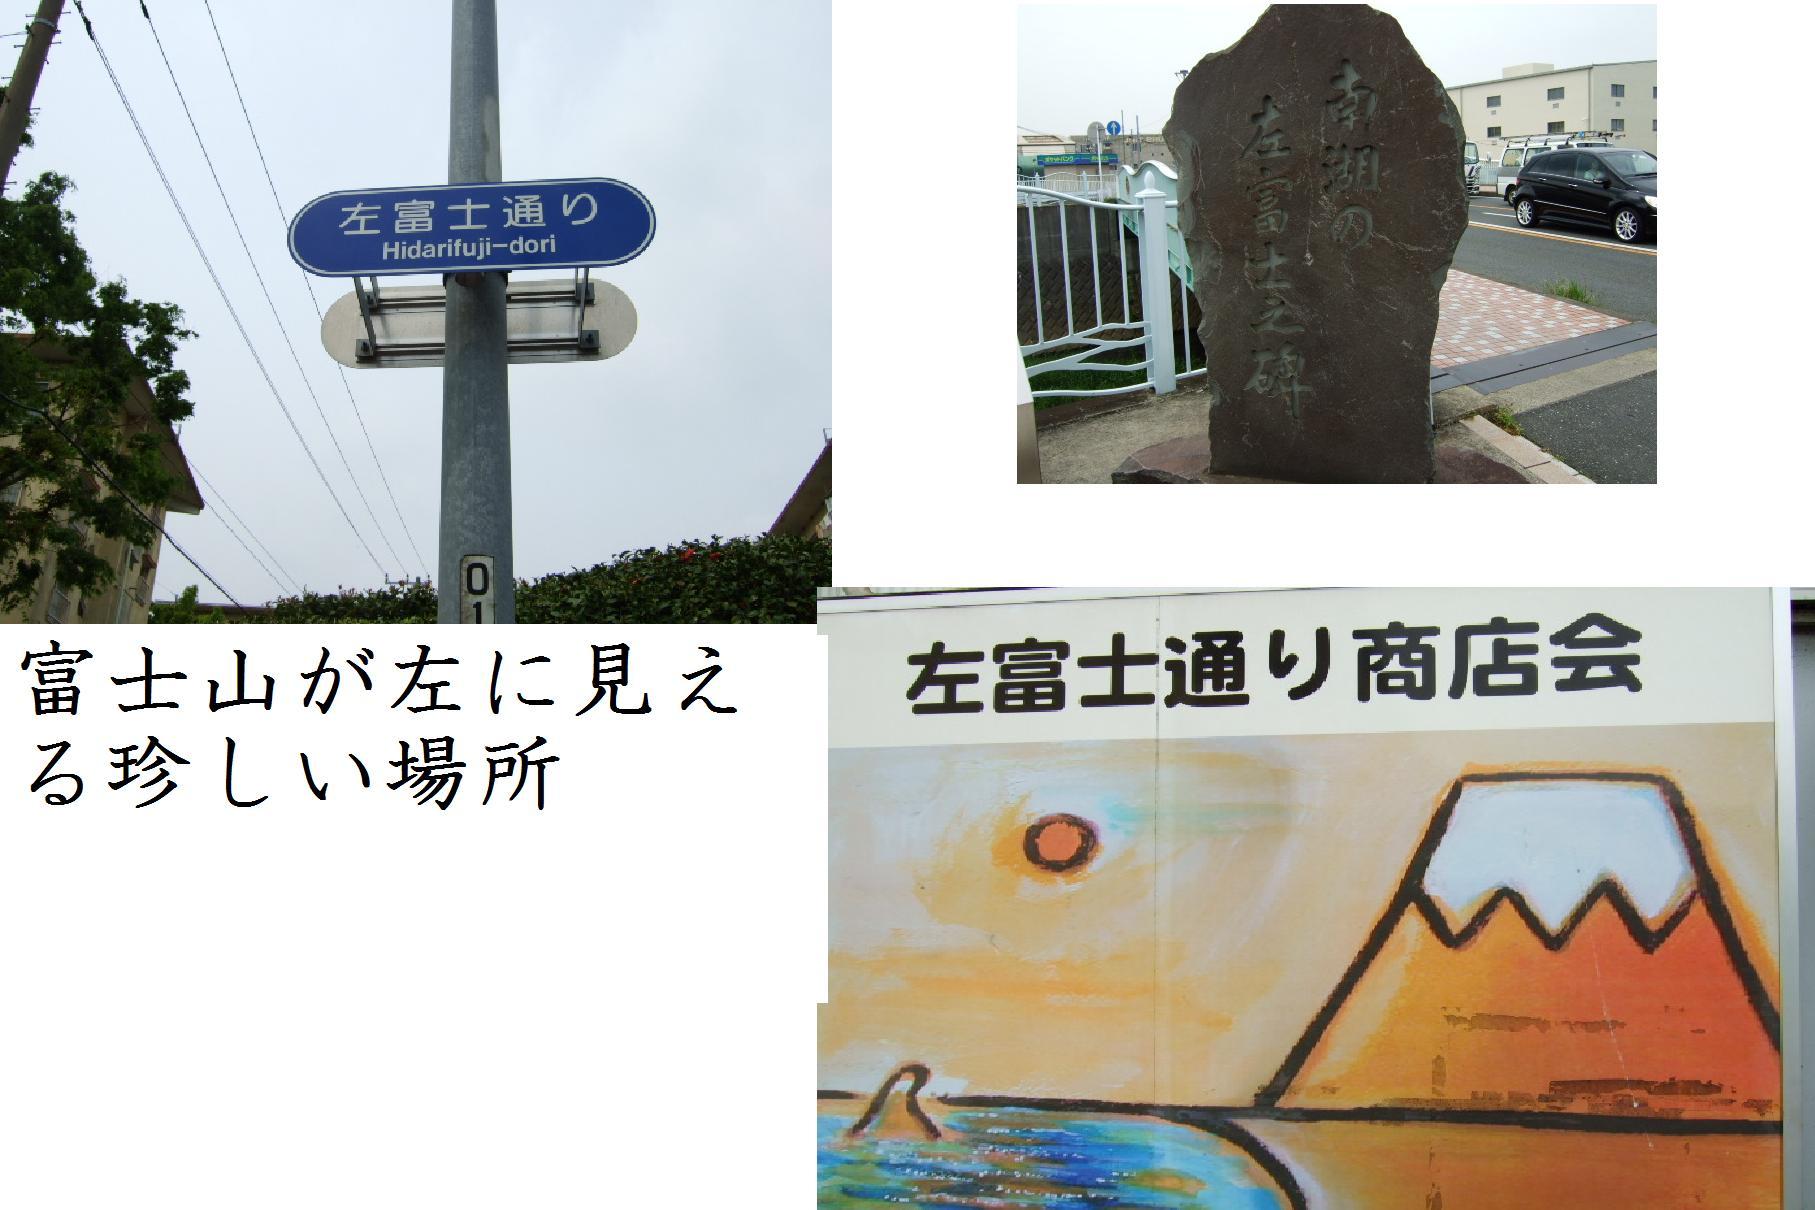 茅ケ崎サザン通りは、大盛況?_b0137932_18441779.jpg